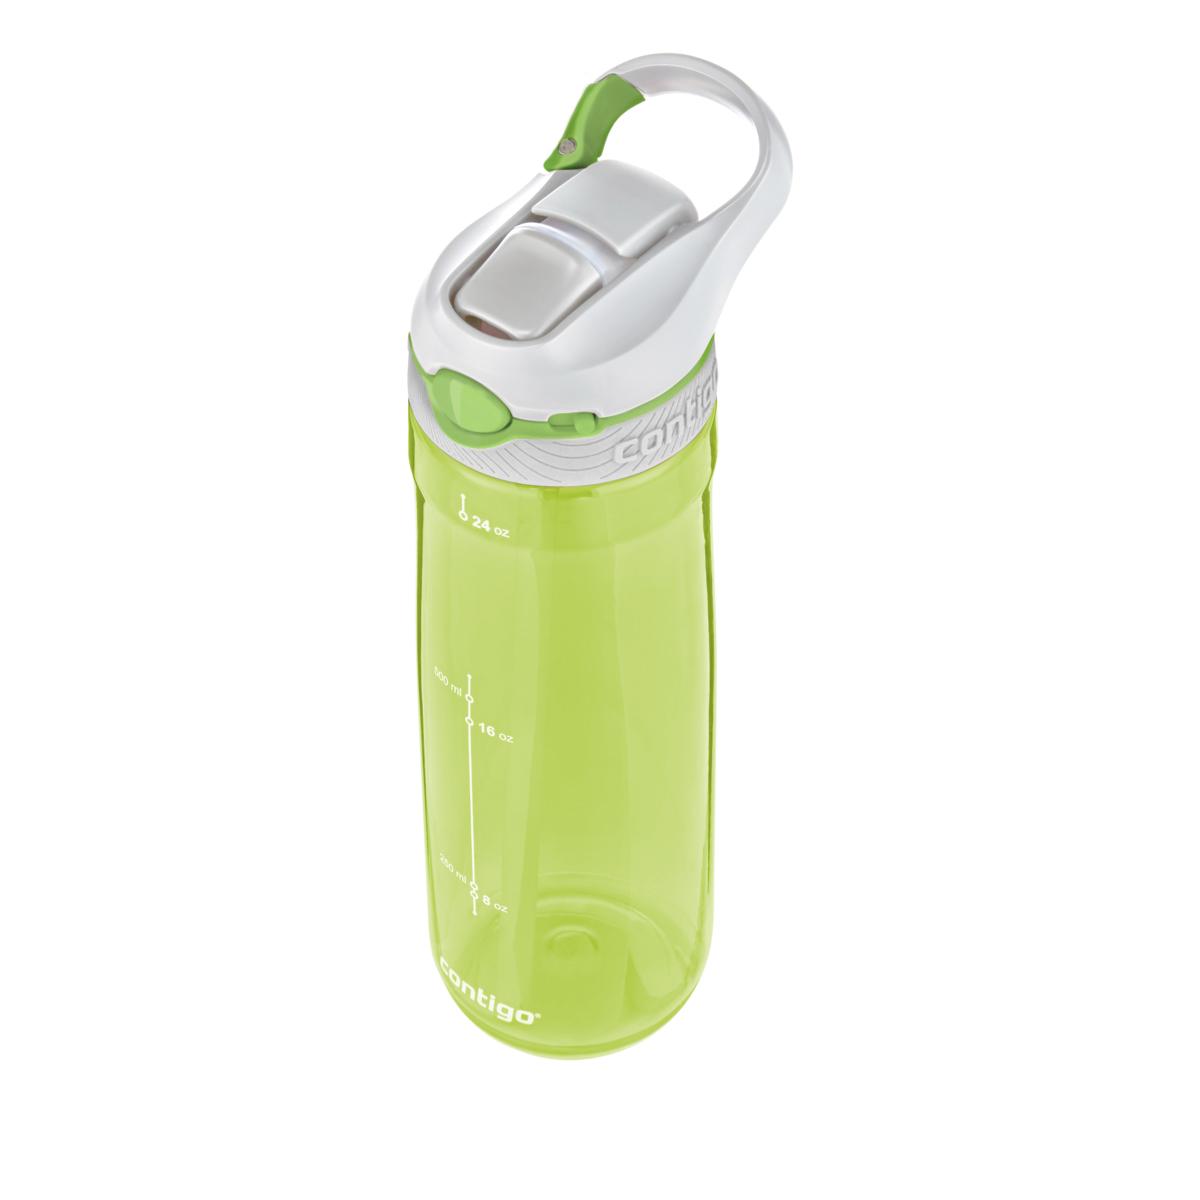 Бутылка для воды Contigo Ashland, цвет: салатовый, 720 млcontigo0454Бутылка для напитков Contigo Ashland является отличным решением для тех, кто делает осознанный выбор в пользу практичности и комфорта. Благодаря тщательно продуманной форме вы с легкостью сможете положить ее в рюкзак либо сумку. Кроме этого бутылка для воды Contigo Ashland отлично поместится в подстаканник в автомобиле.Горлышко бутылки оснащенное системой Autospout закрывается надежно и герметично. Благодаря этому вы получите полную уверенность в том, что даже при перекидывании бутылки ее содержимое не прольется. Объем 720 мл.